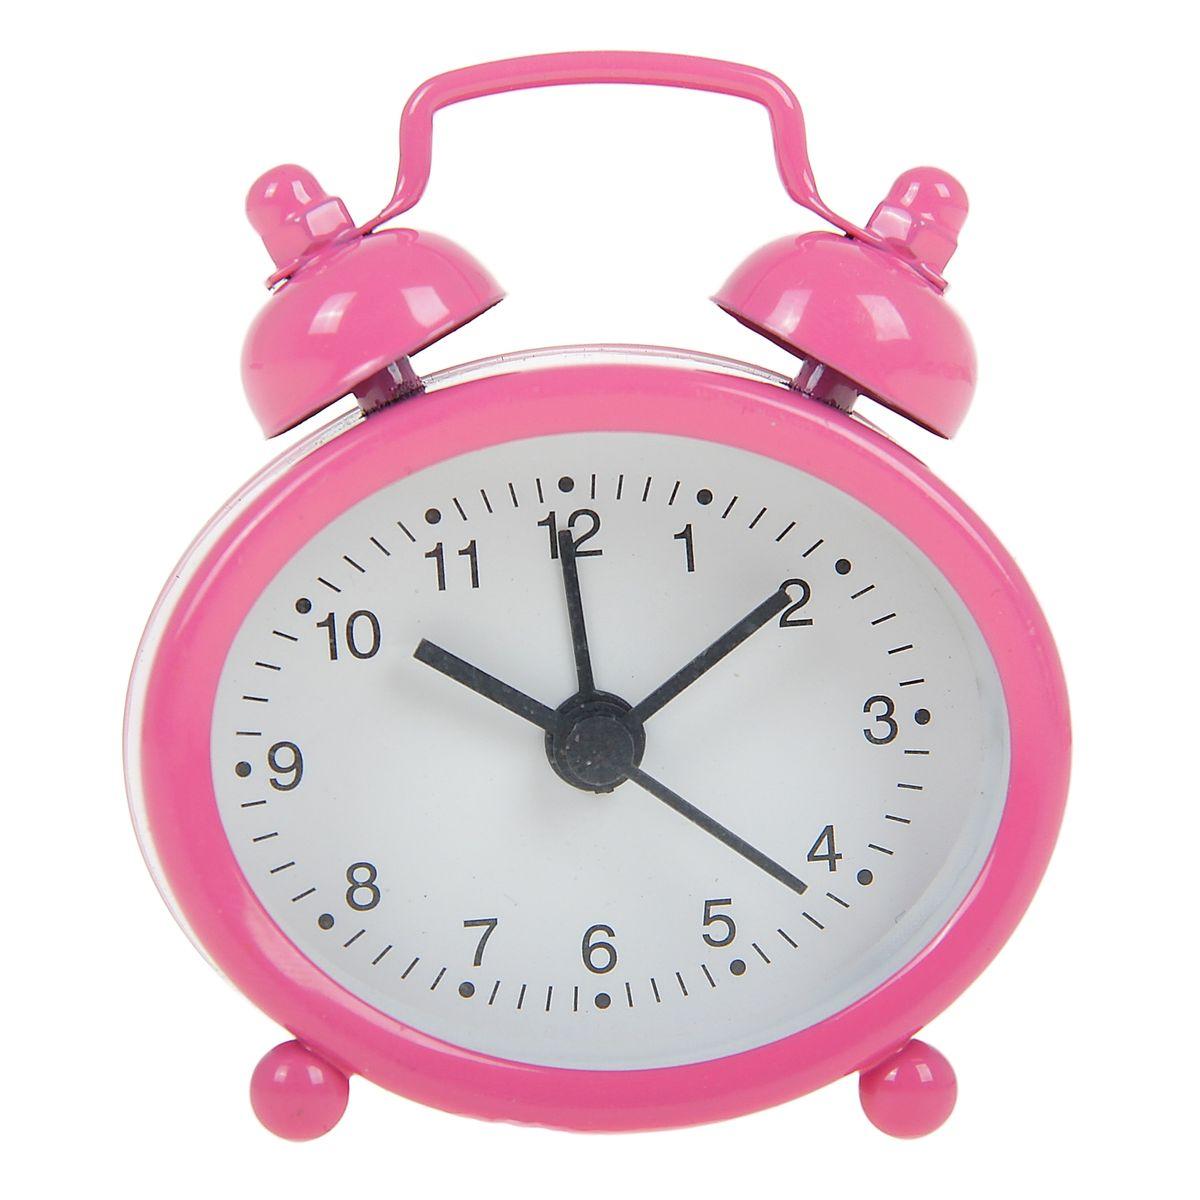 Часы-будильник Sima-land, цвет: розовый. 840946VT-6606(BK)Как же сложно иногда вставать вовремя! Всегда так хочется поспать еще хотя бы 5 минут и бывает, что мы просыпаем. Теперь этого не случится! Яркий, оригинальный будильник Sima-land поможет вам всегда вставать в нужное время и успевать везде и всюду. Будильник украсит вашу комнату и приведет в восхищение друзей. Эта уменьшенная версия привычного будильника умещается на ладони и работает так же громко, как и привычные аналоги. Время показывает точно и будит в установленный час.На задней панели будильника расположены переключатель включения/выключения механизма, а также два колесика для настройки текущего времени и времени звонка будильника.Будильник работает от 1 батарейки типа LR44 (входит в комплект).